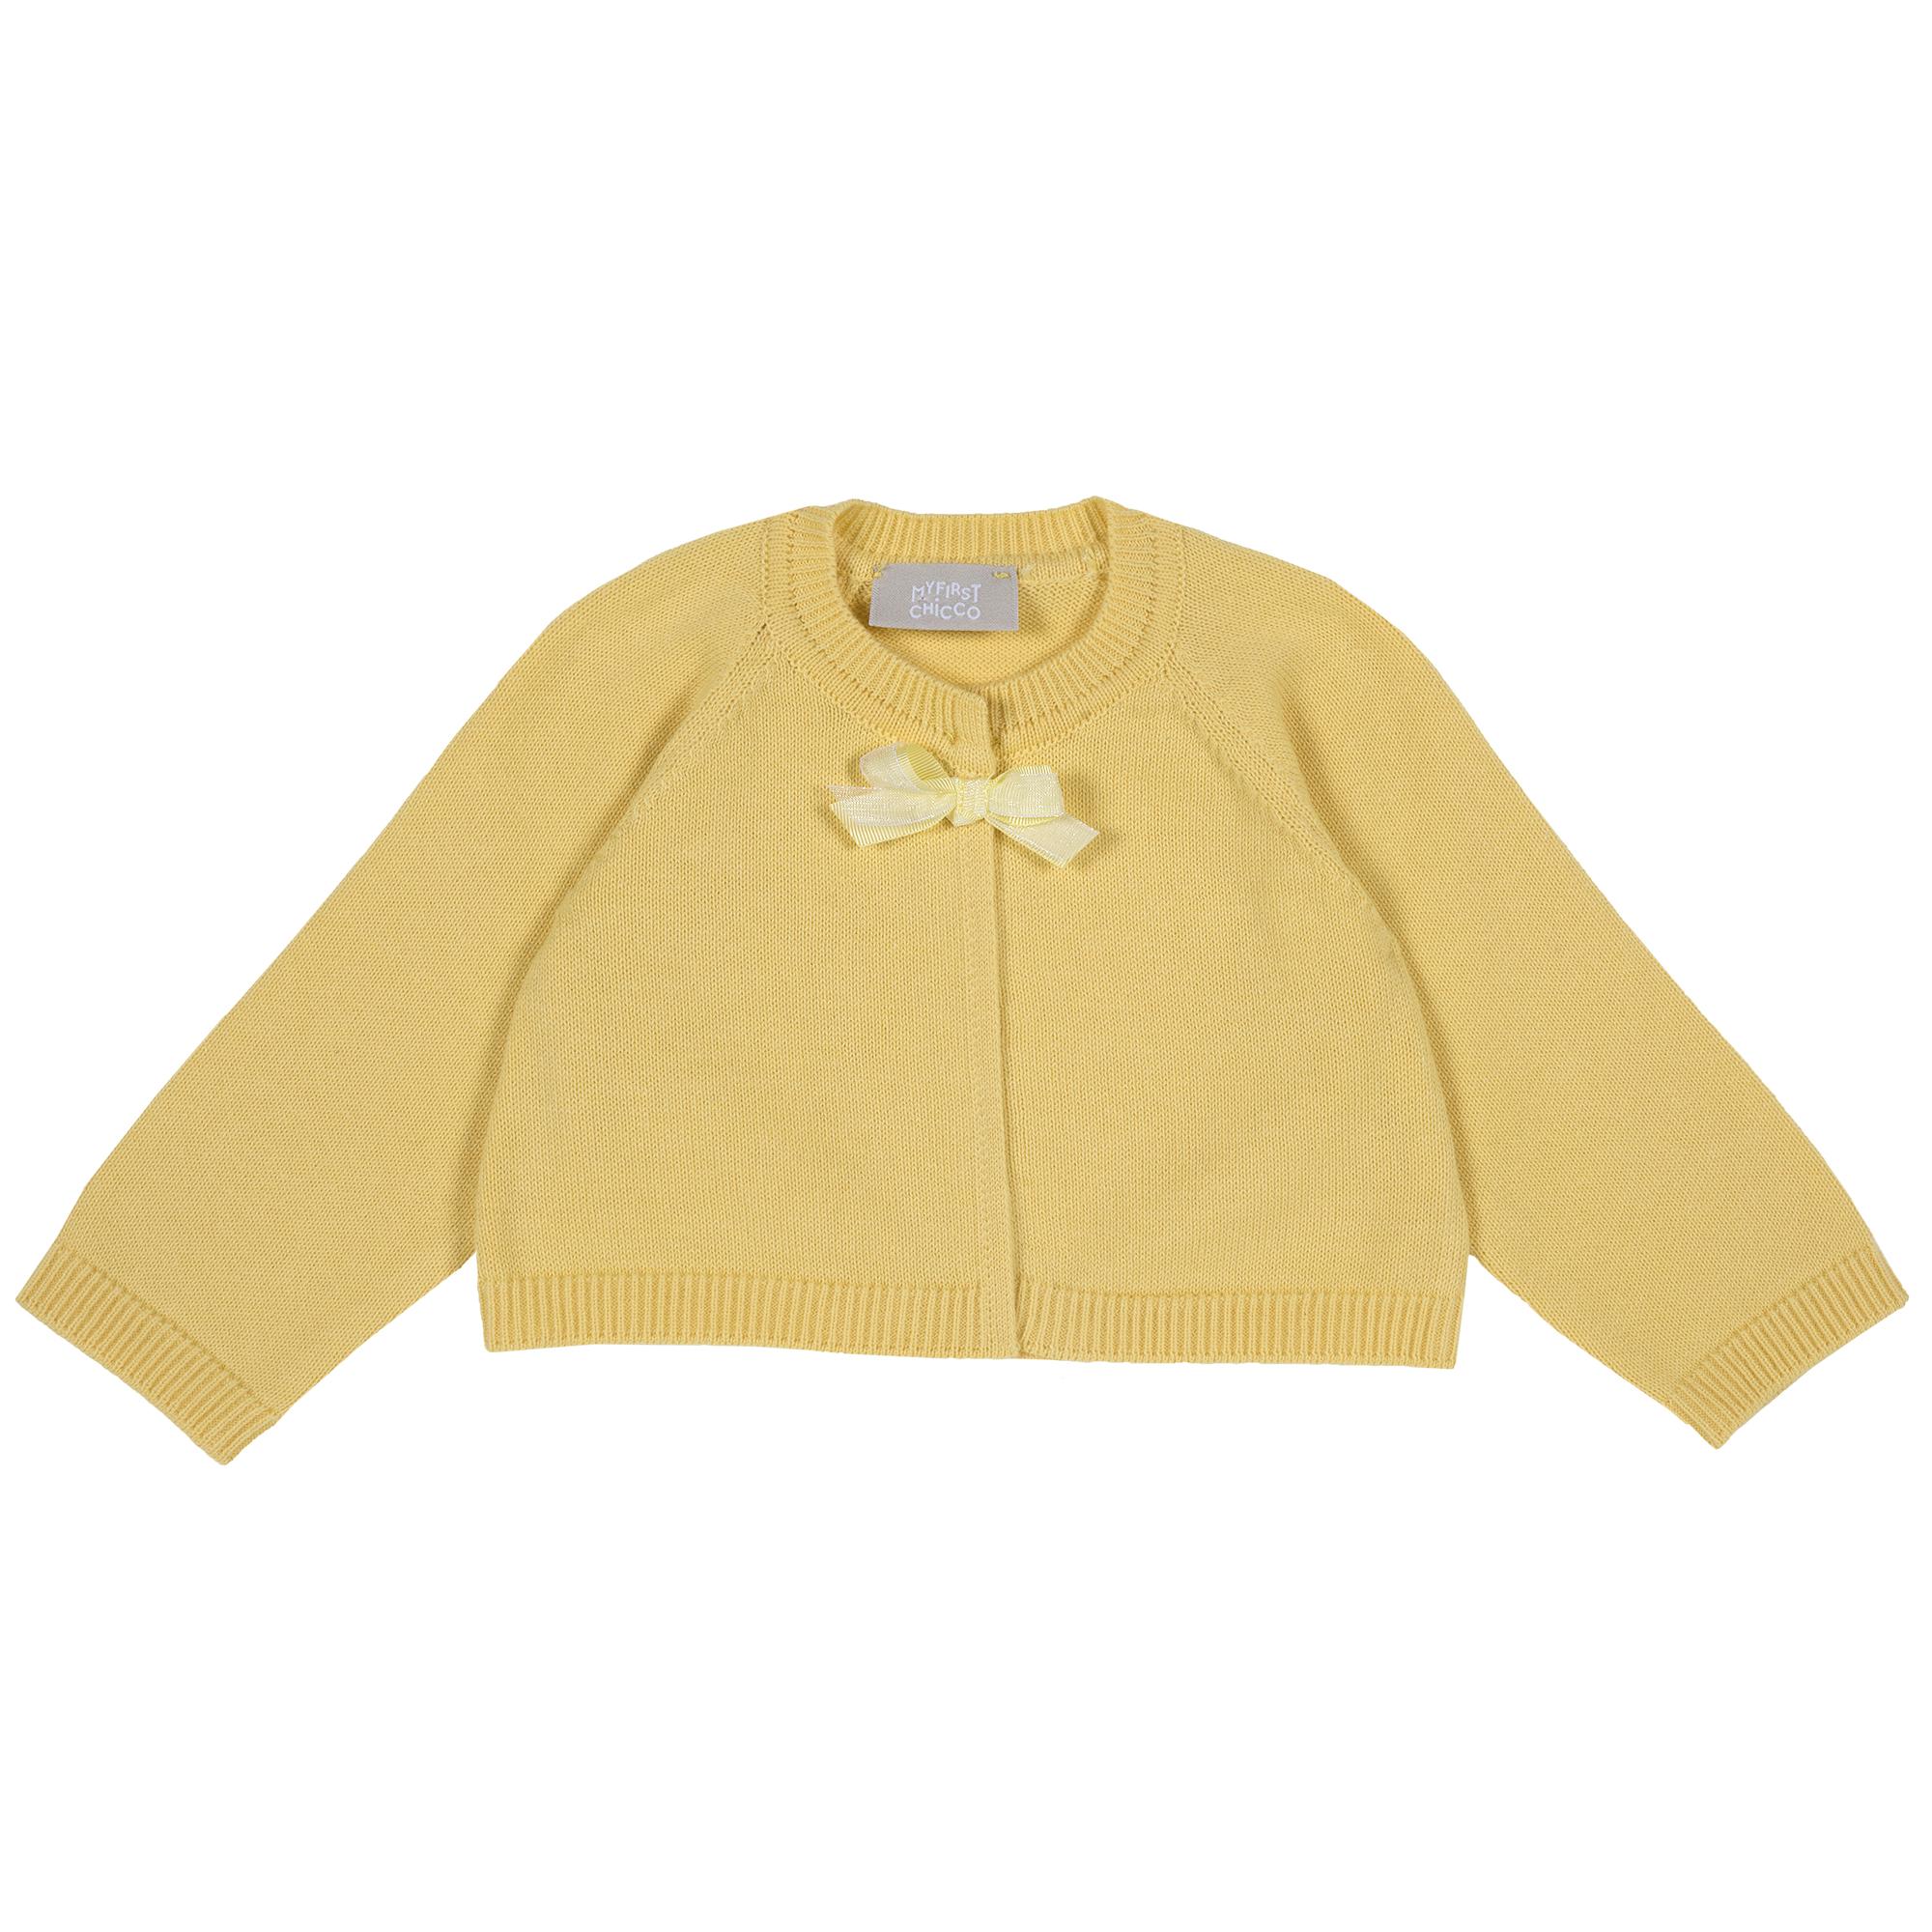 Cardigan copii Chicco, tricotat, galben, 96843 din categoria Cardigan copii